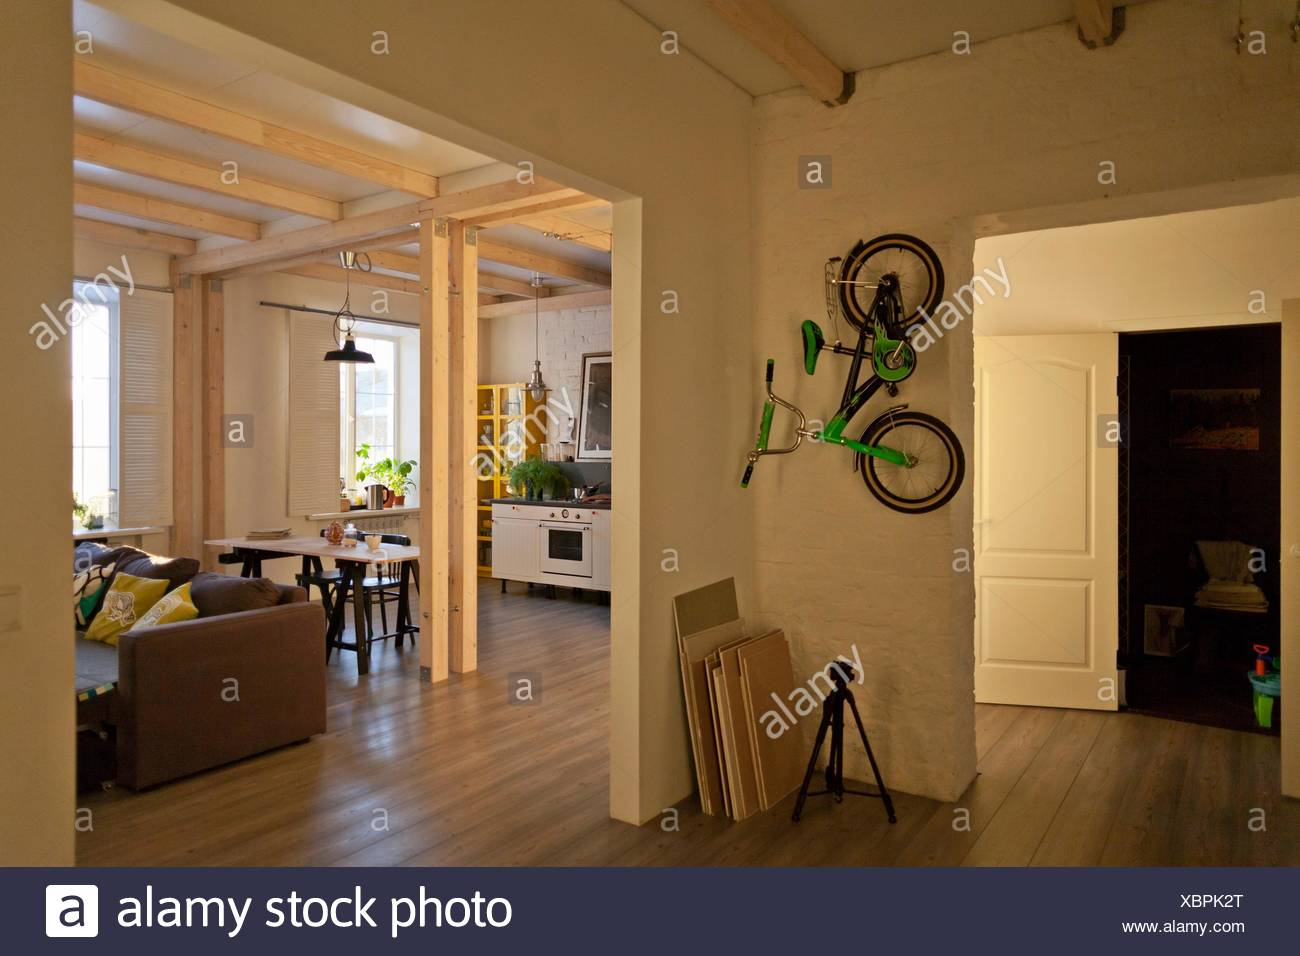 Ansicht der Abstellraum, Küche, Essecke, Couch und Fahrrad an Wand ...